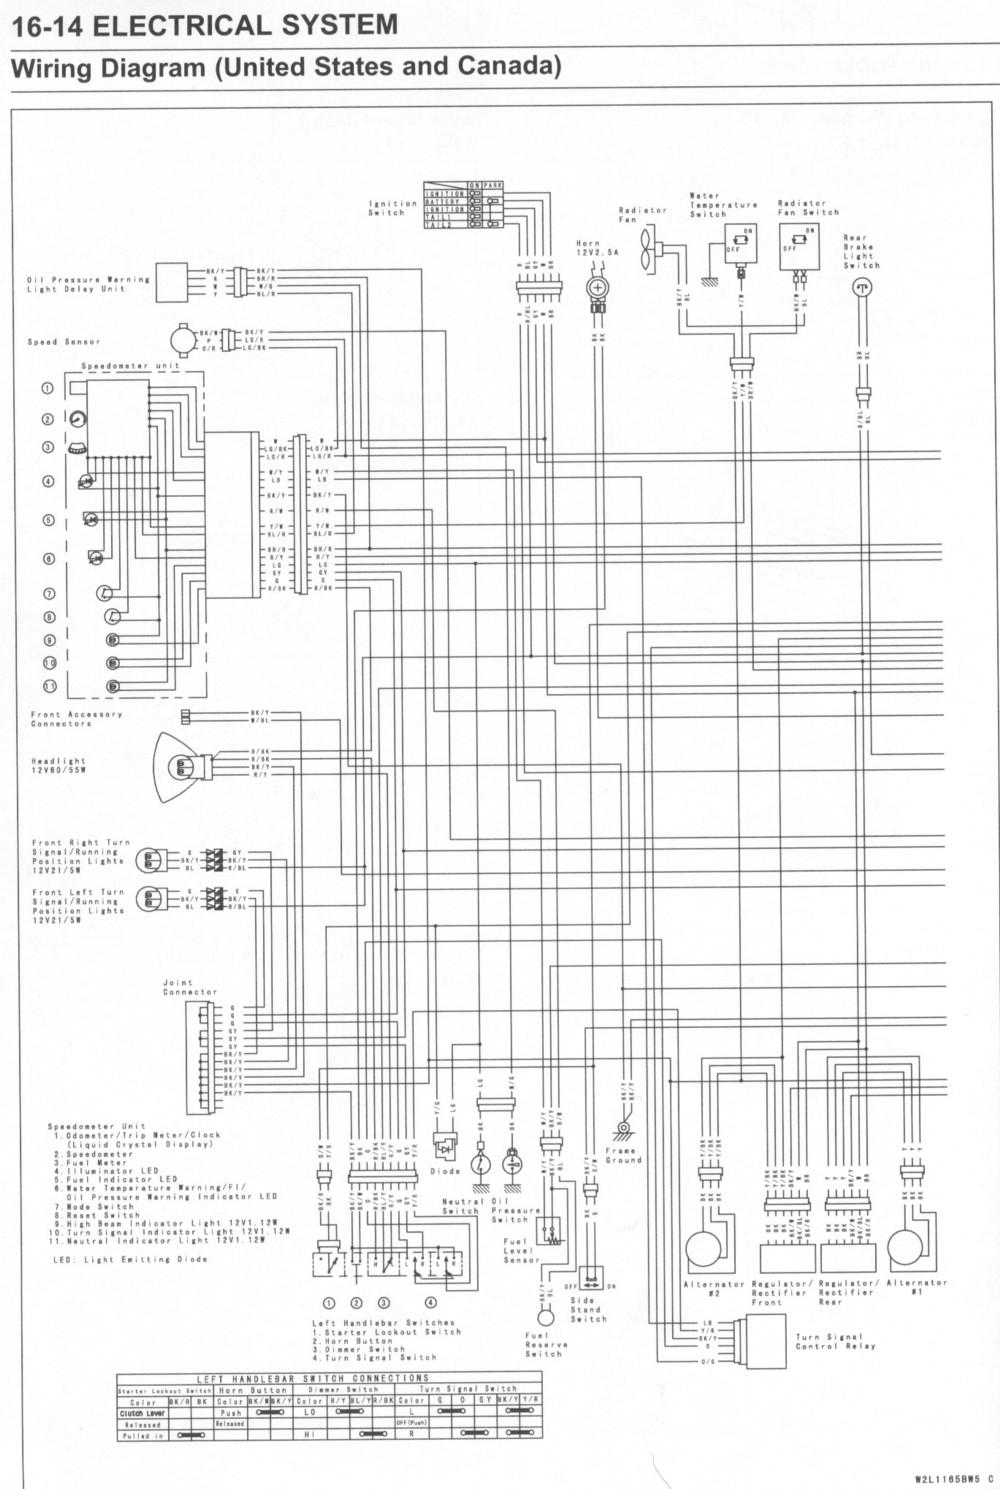 medium resolution of vulcan 1500 wiring diagram wiring diagrams konsult 1997 kawasaki vulcan 1500 wiring diagram